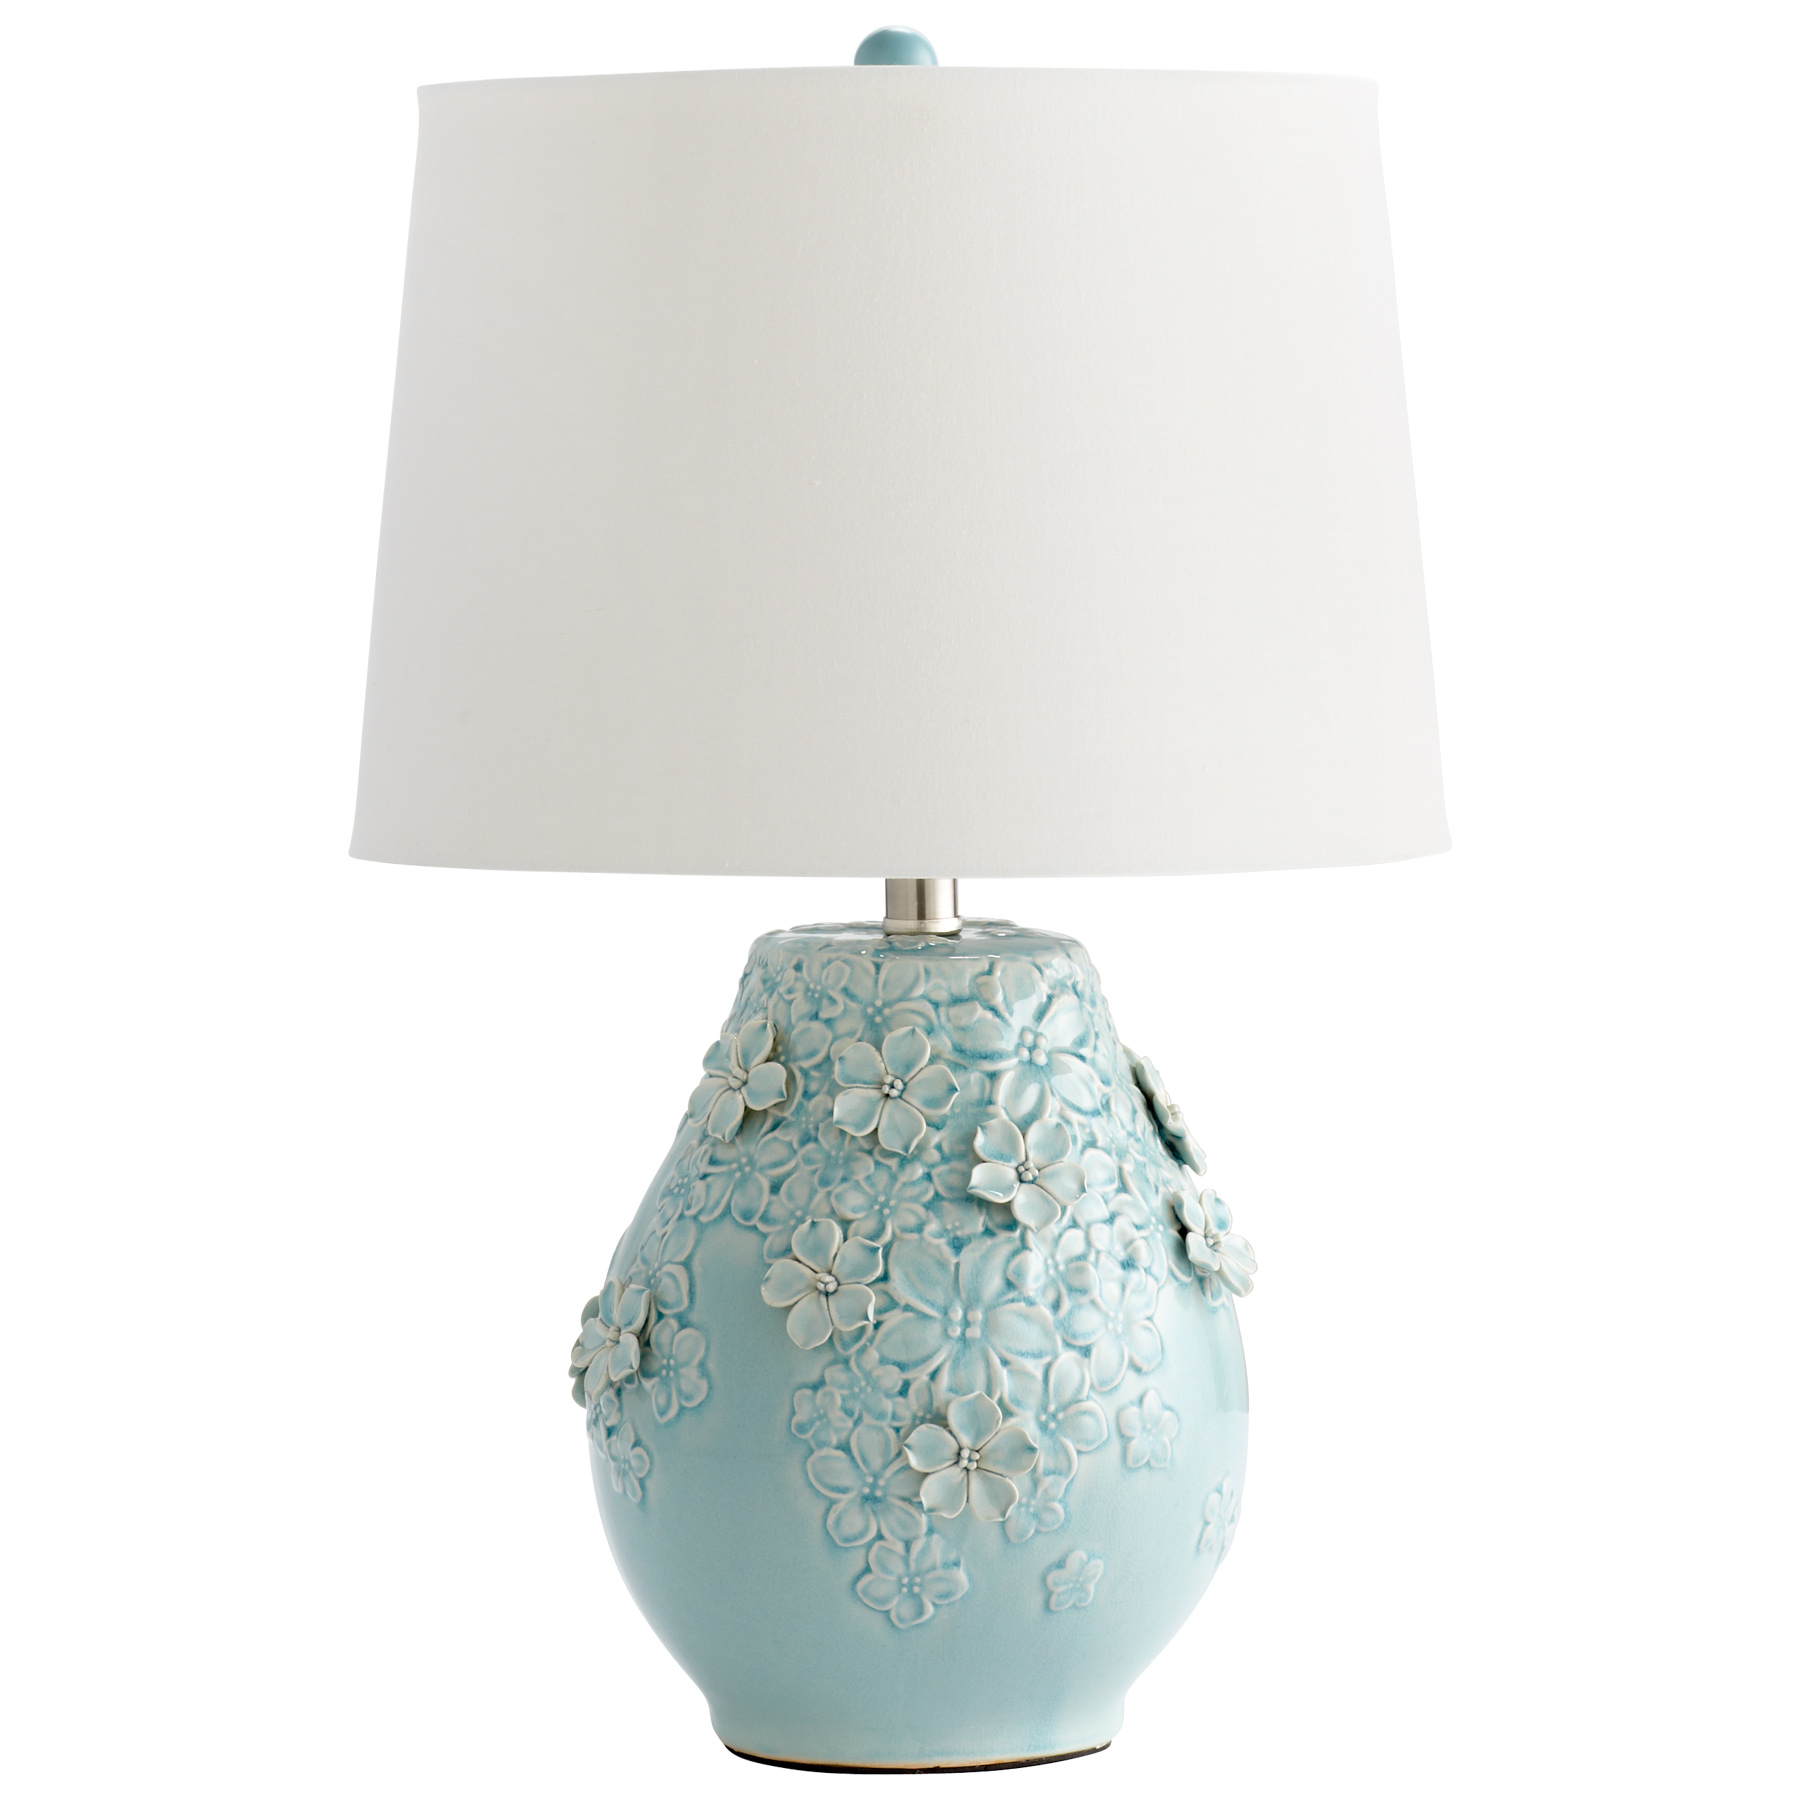 ceramic lamps photo - 1